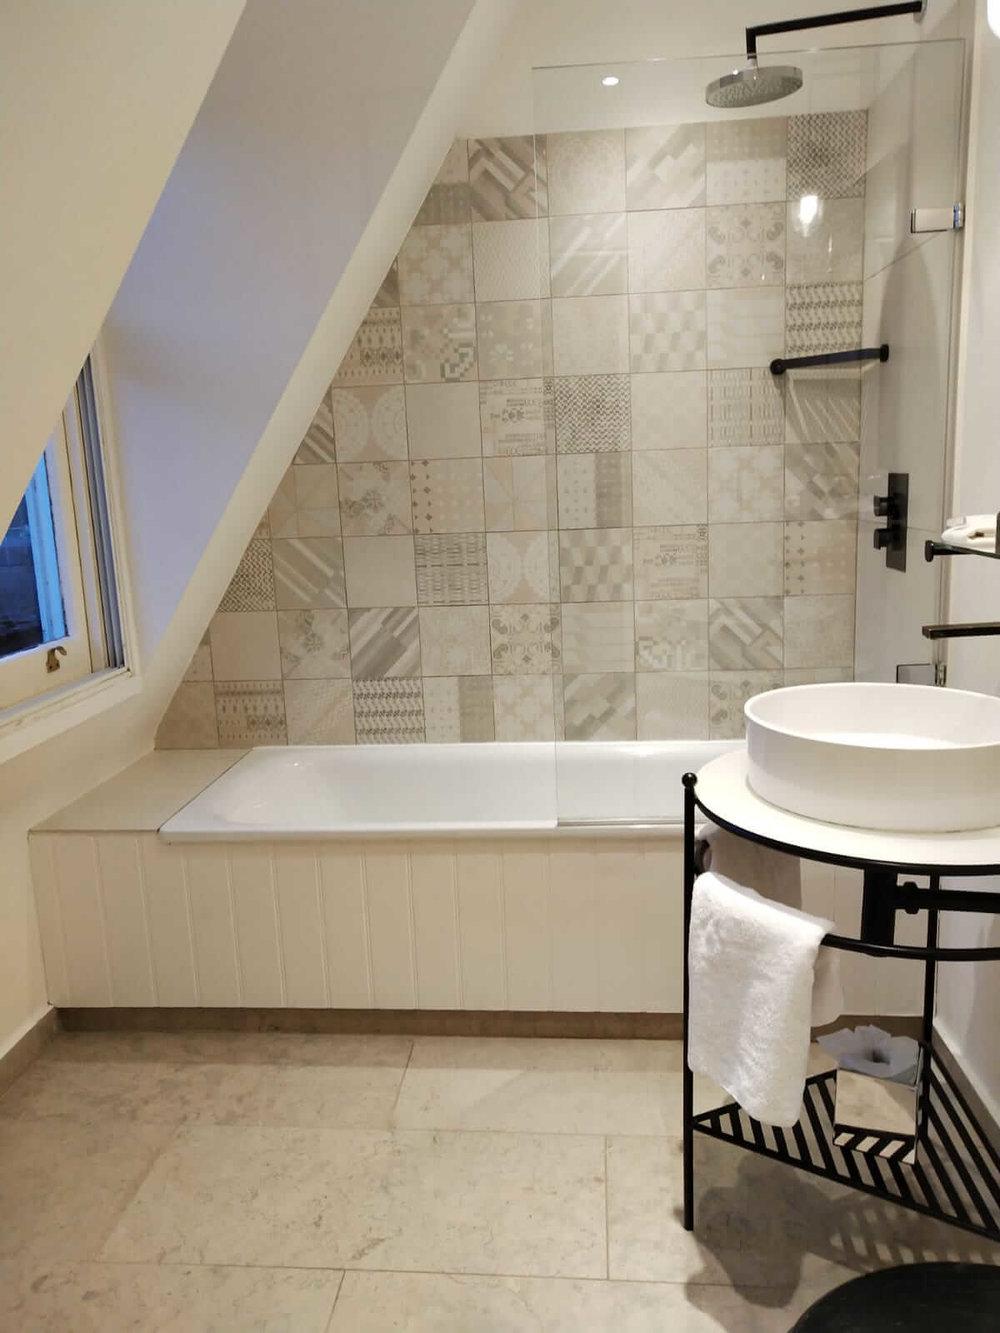 The Abbey Hotel Bath